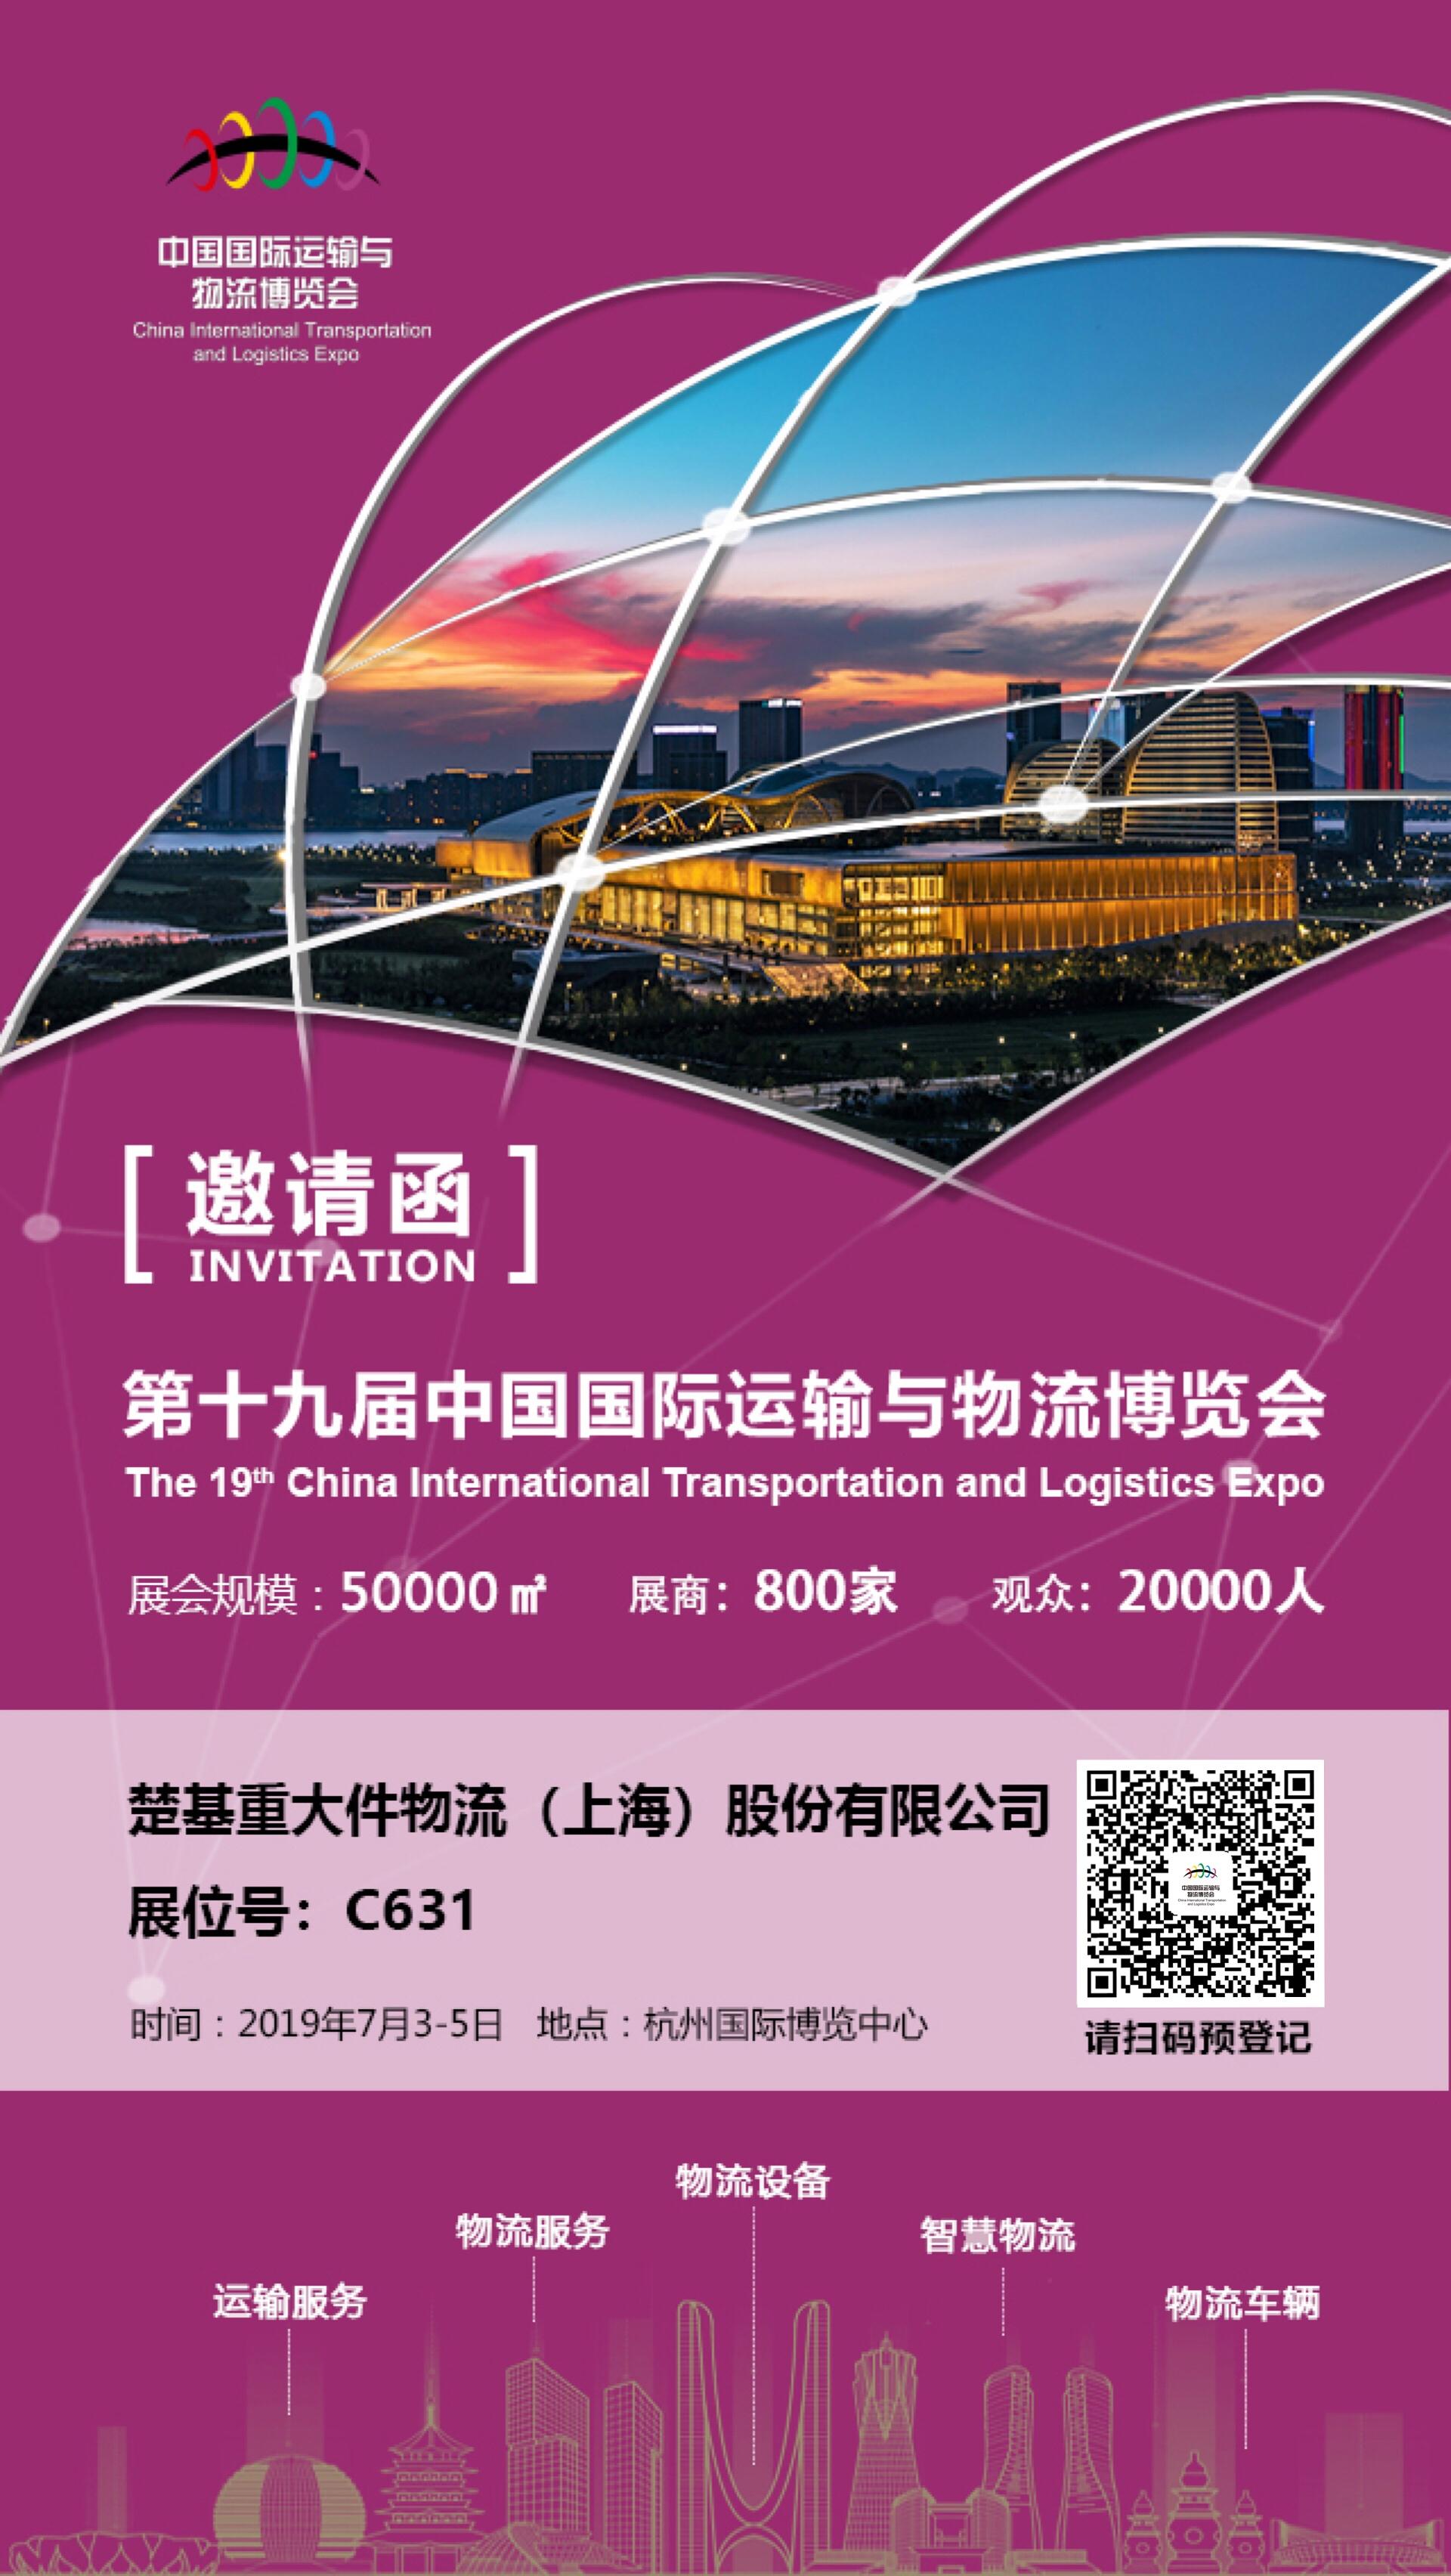 戒赌最好的方法免费戒赌中心邀您莅临观展|中国物博会杭州展7月3日-7月5日